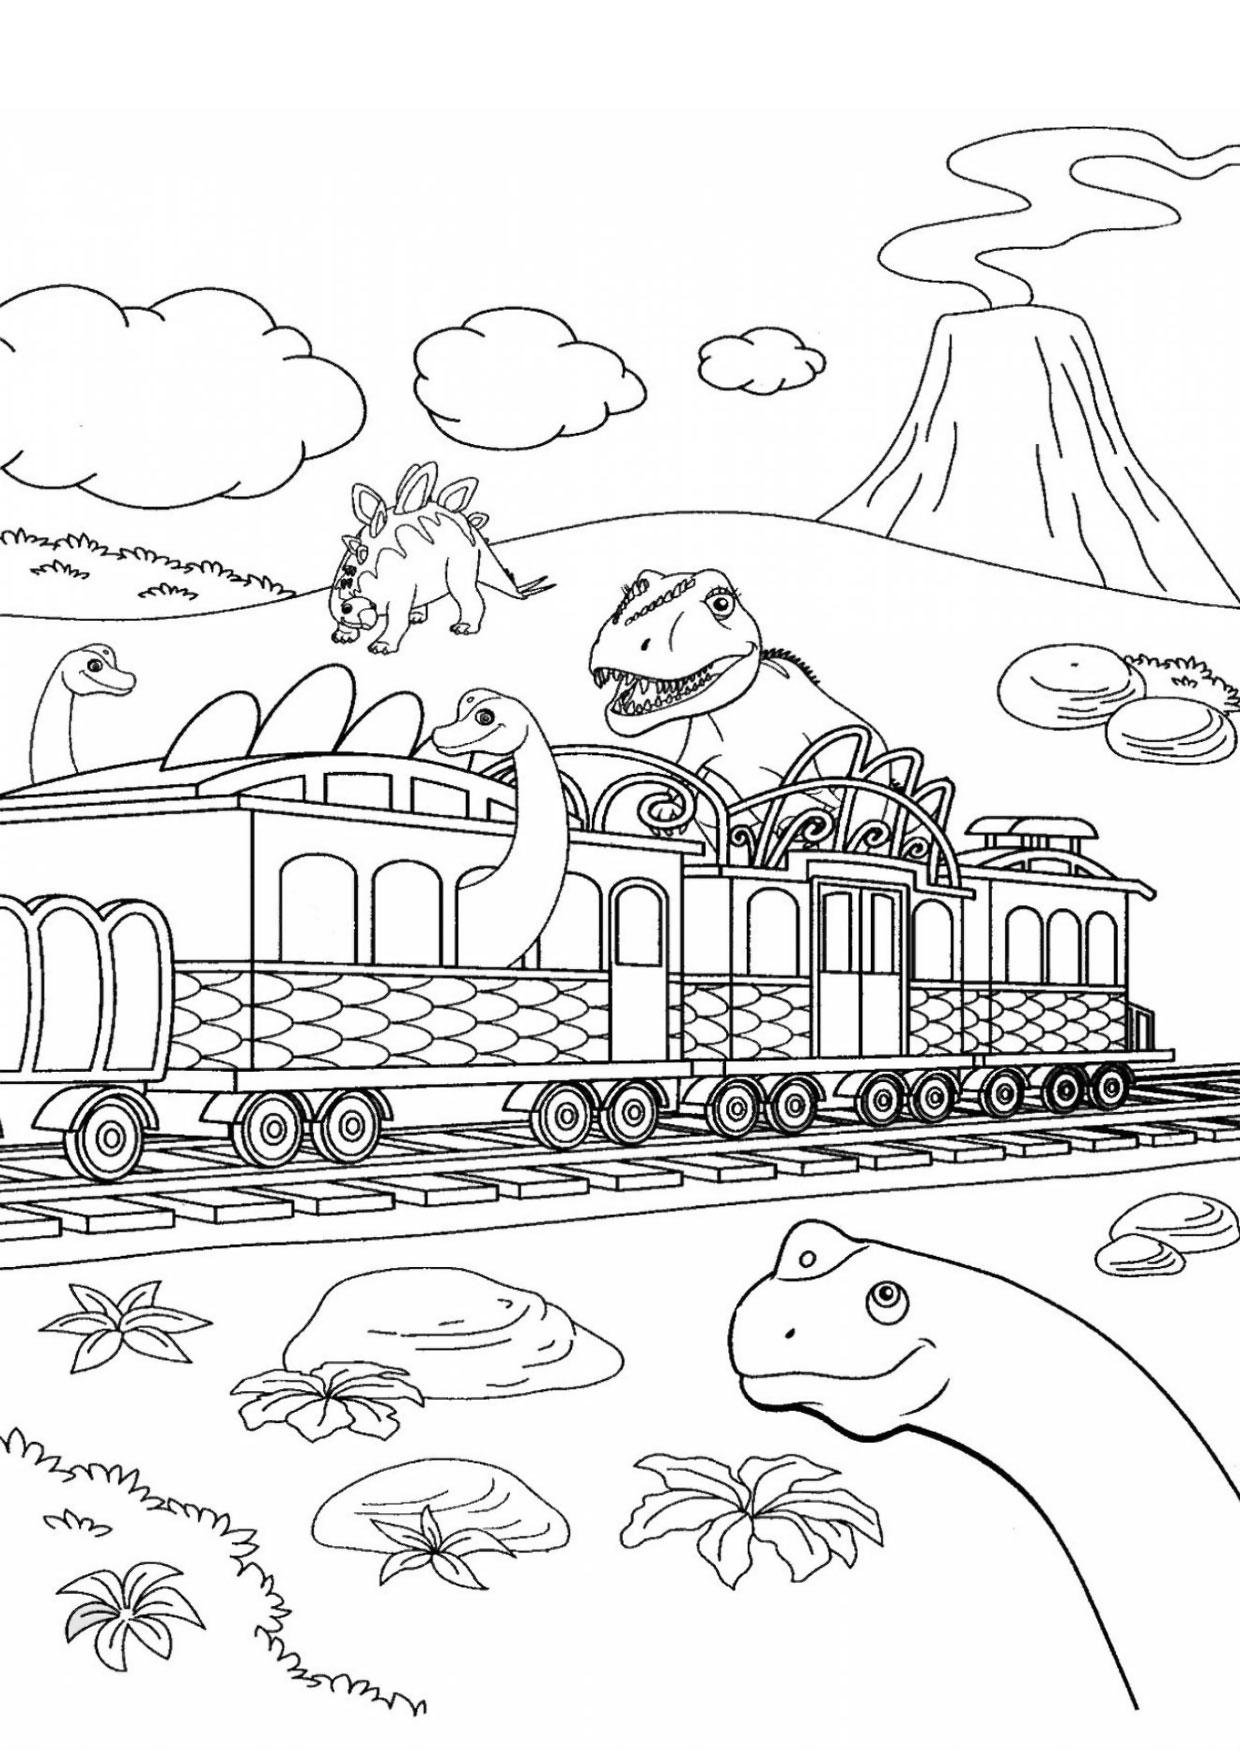 Disegno di treno cartoon da colorare 21